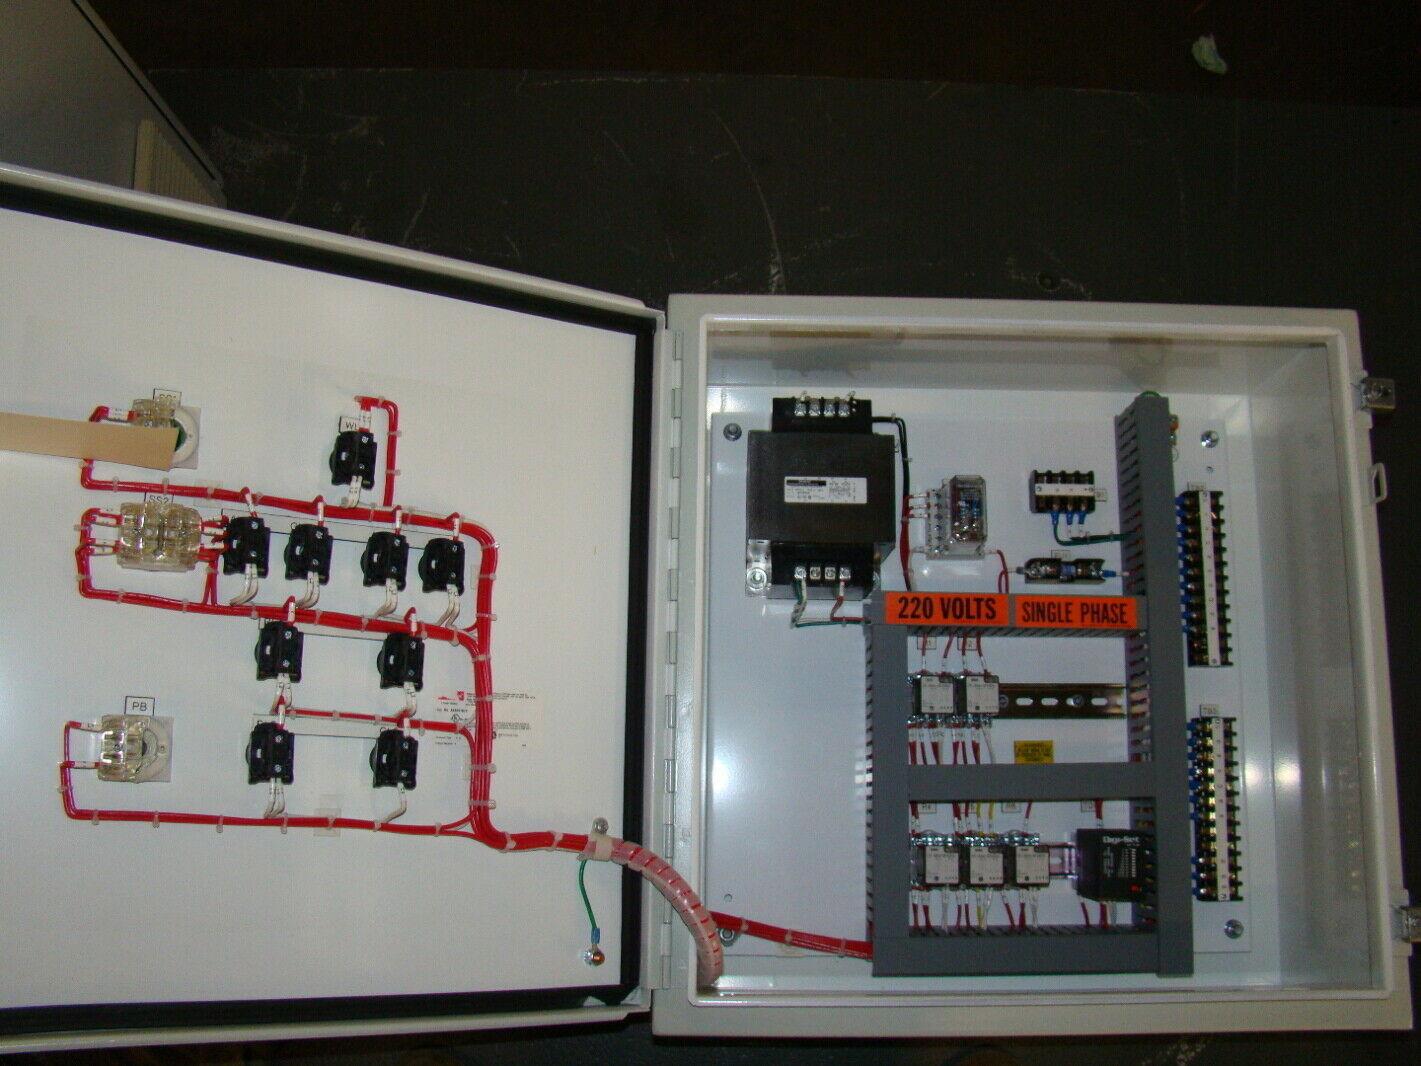 Hoffman 220 Volts Control Panel A242410lp